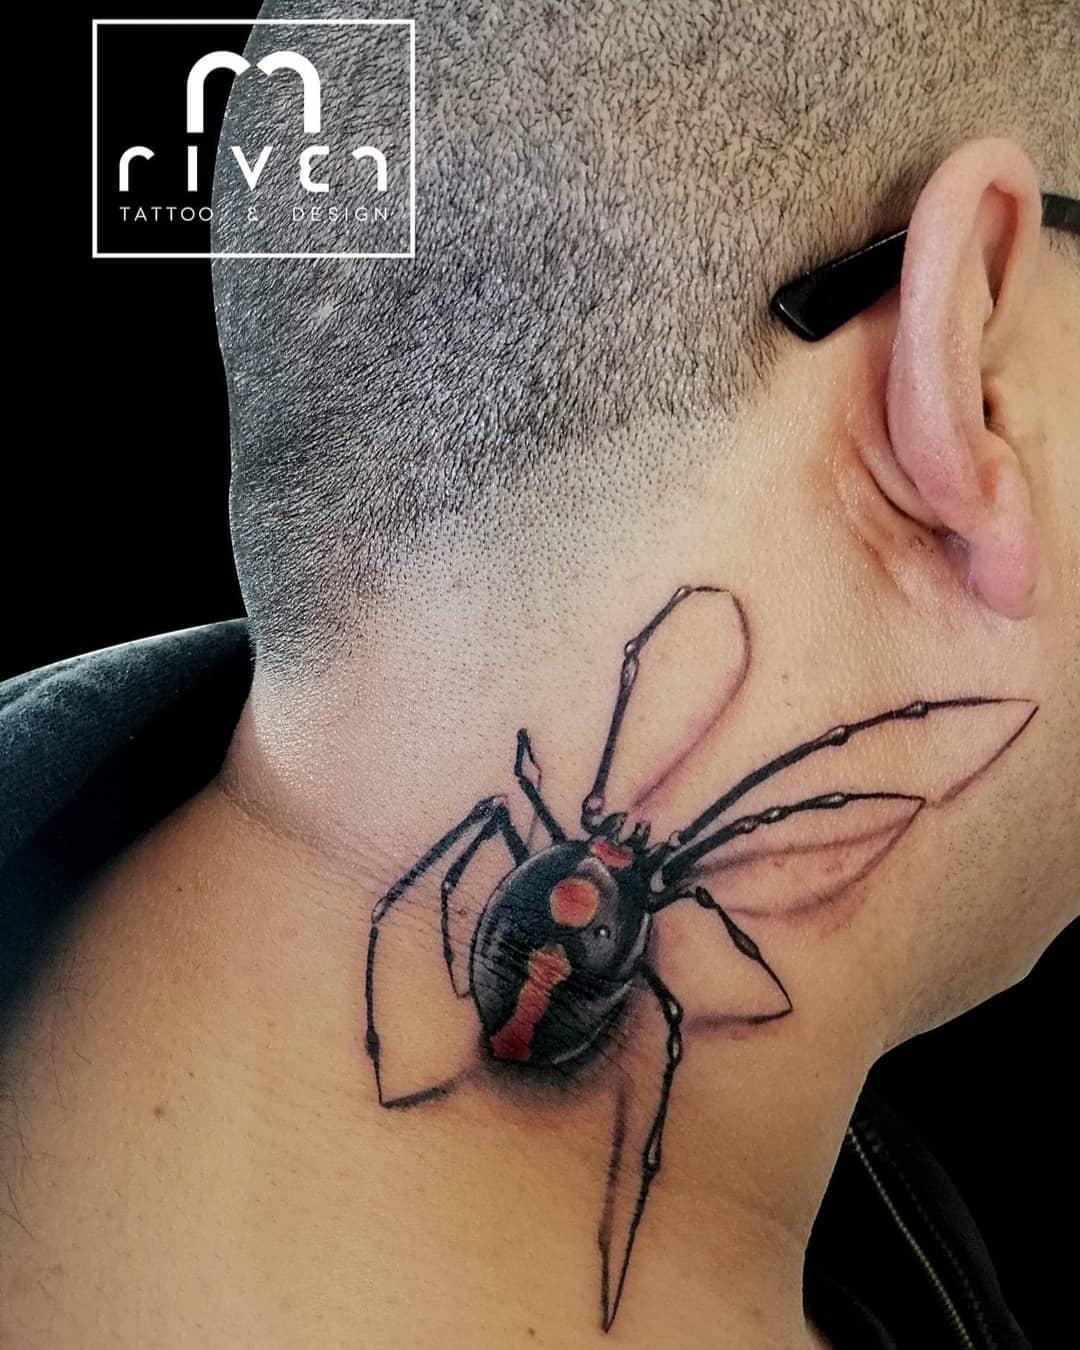 rivertattoodesign 54266387 856165944744676 3851659197354655185 n - 30 татуировок, которые стали украшением на шее у своих владельцев